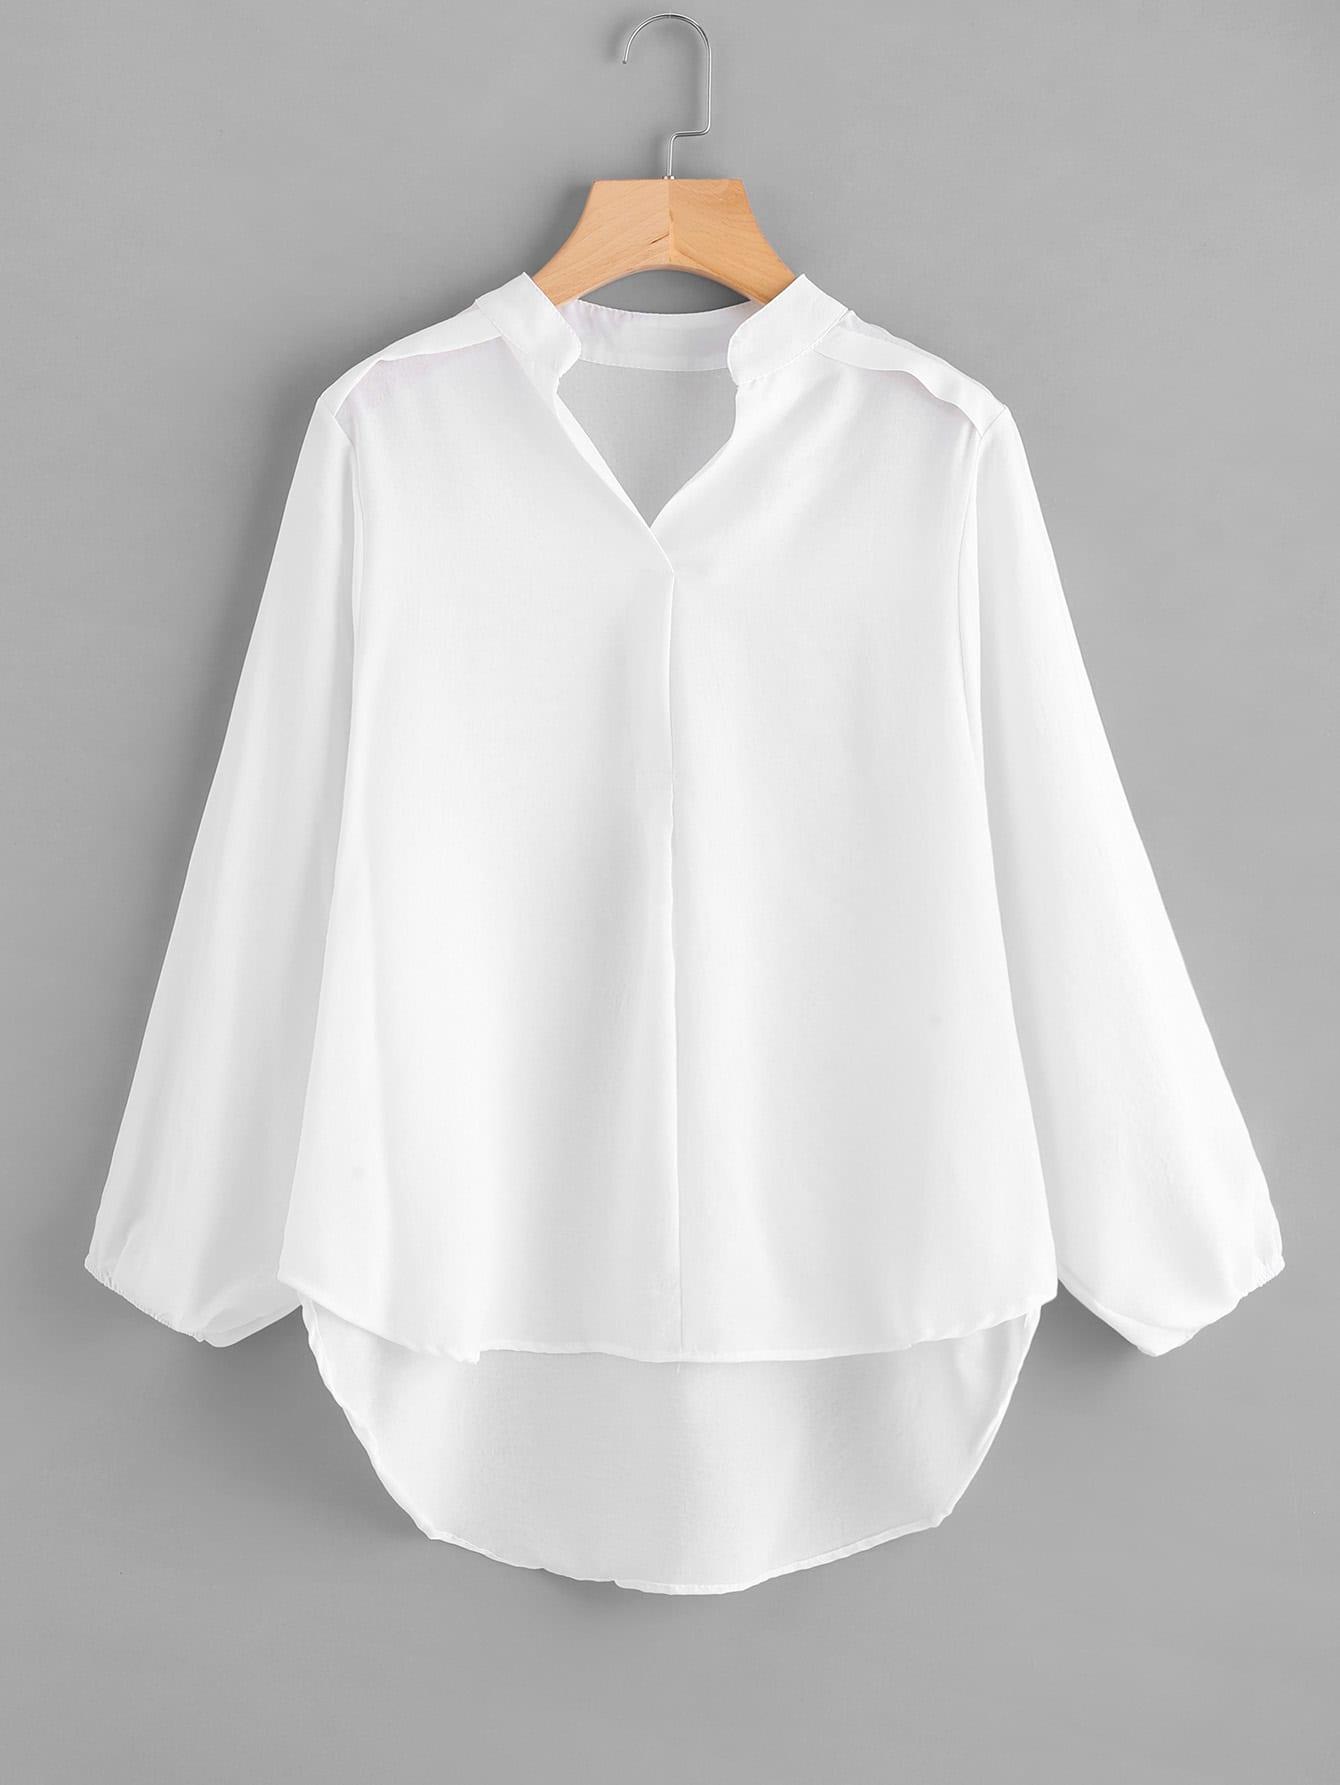 Lace Fashion/ Wholesale & Retail - Las pequeñas órdenes